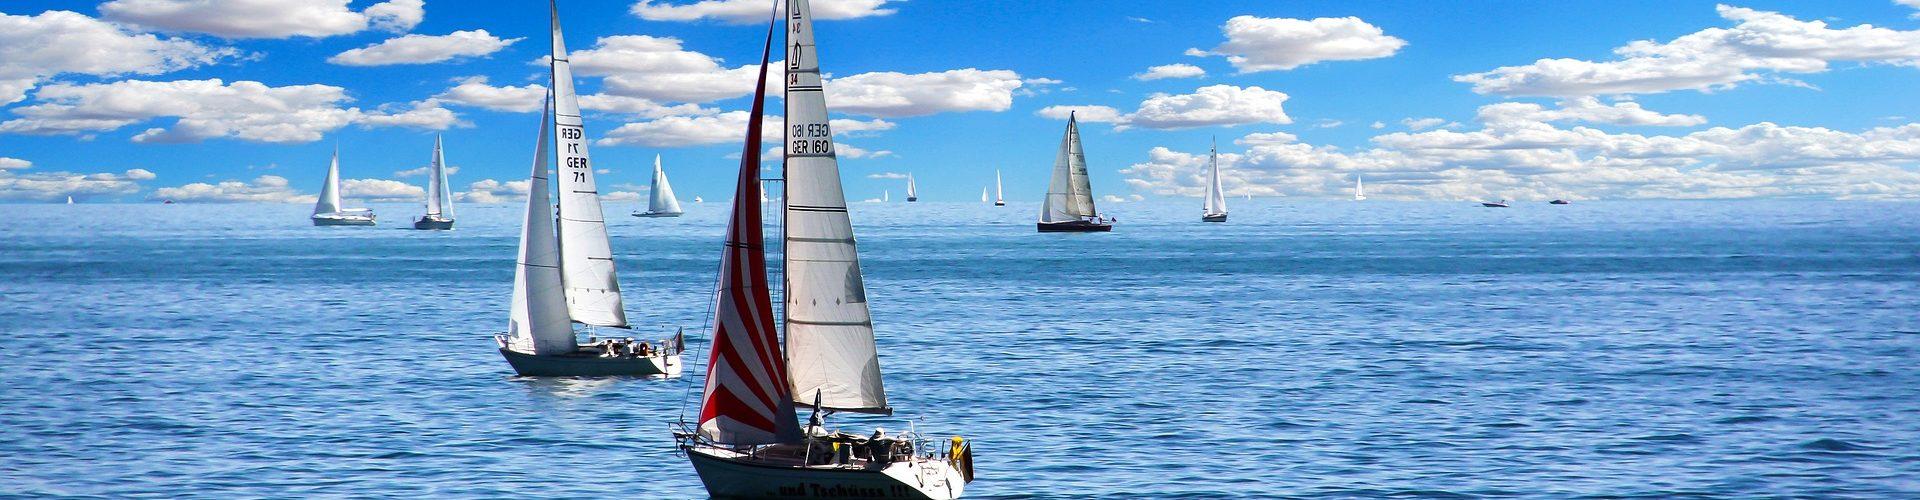 segeln lernen in Lancken Granitz segelschein machen in Lancken Granitz 1920x500 - Segeln lernen in Lancken-Granitz